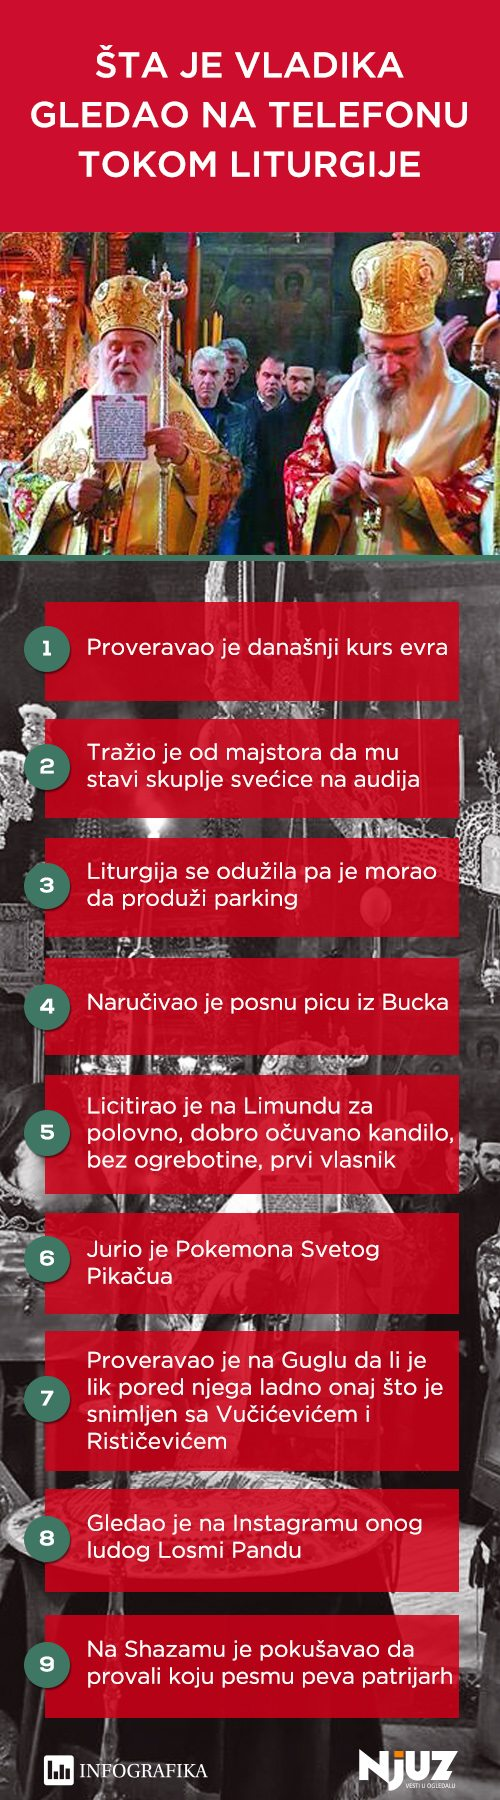 vladika-kuca-sms